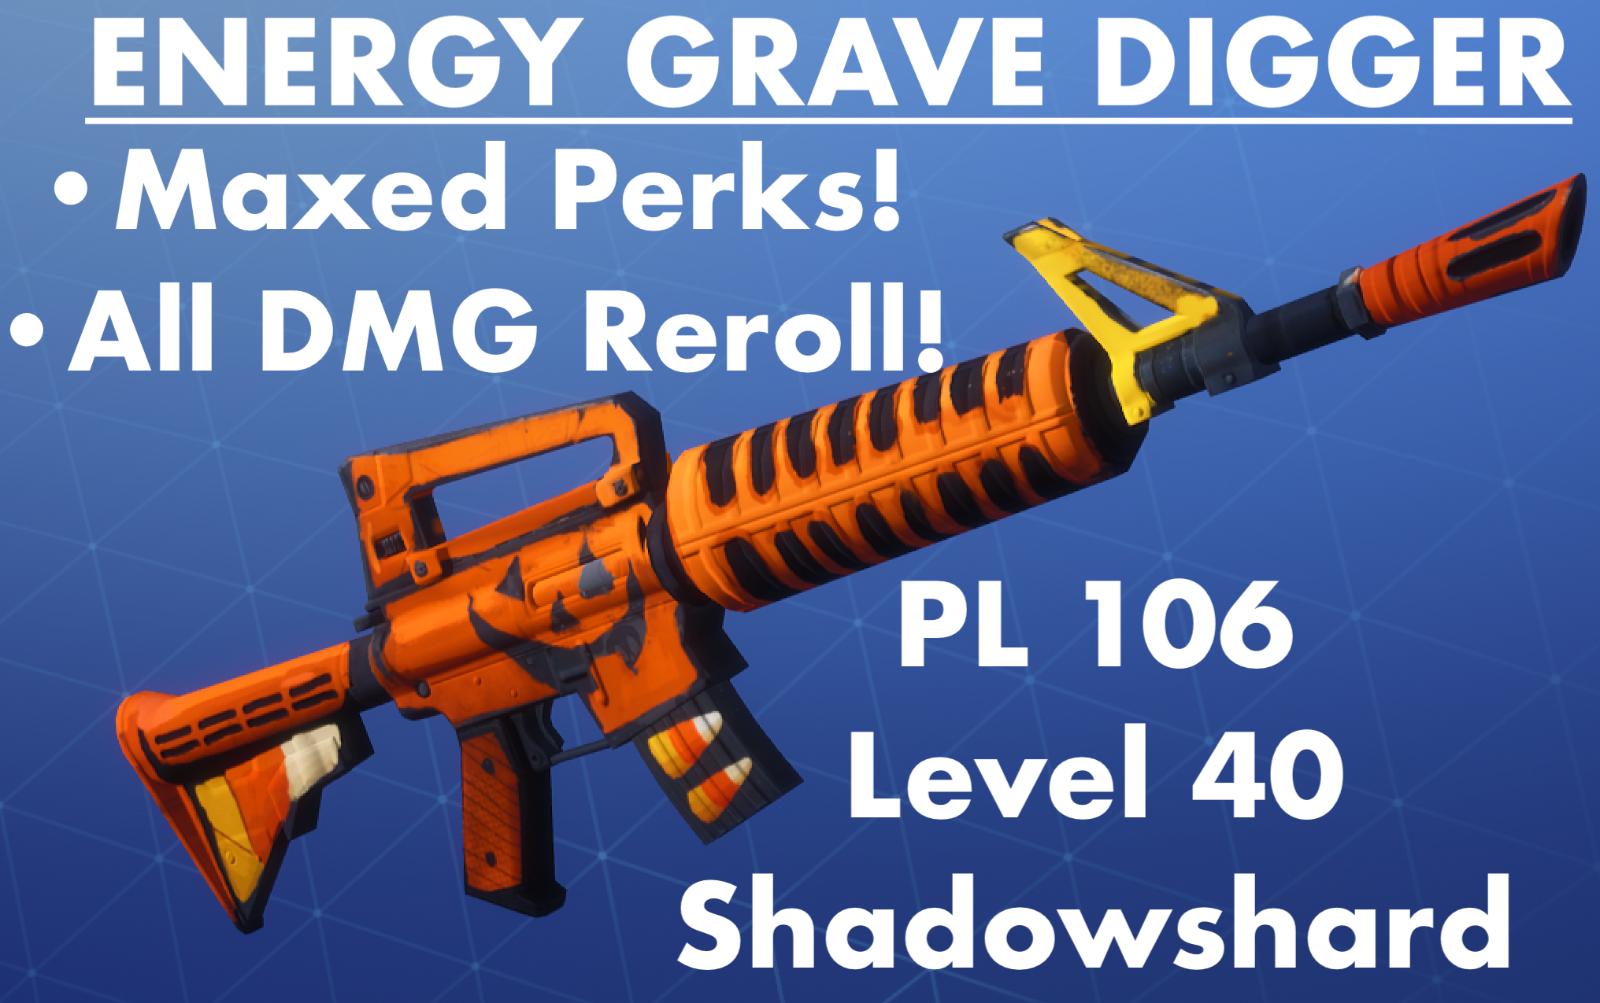 best 106 grave digger on ebay energy maxed perks all dmg reroll fortnite - grave digger fortnite best perks